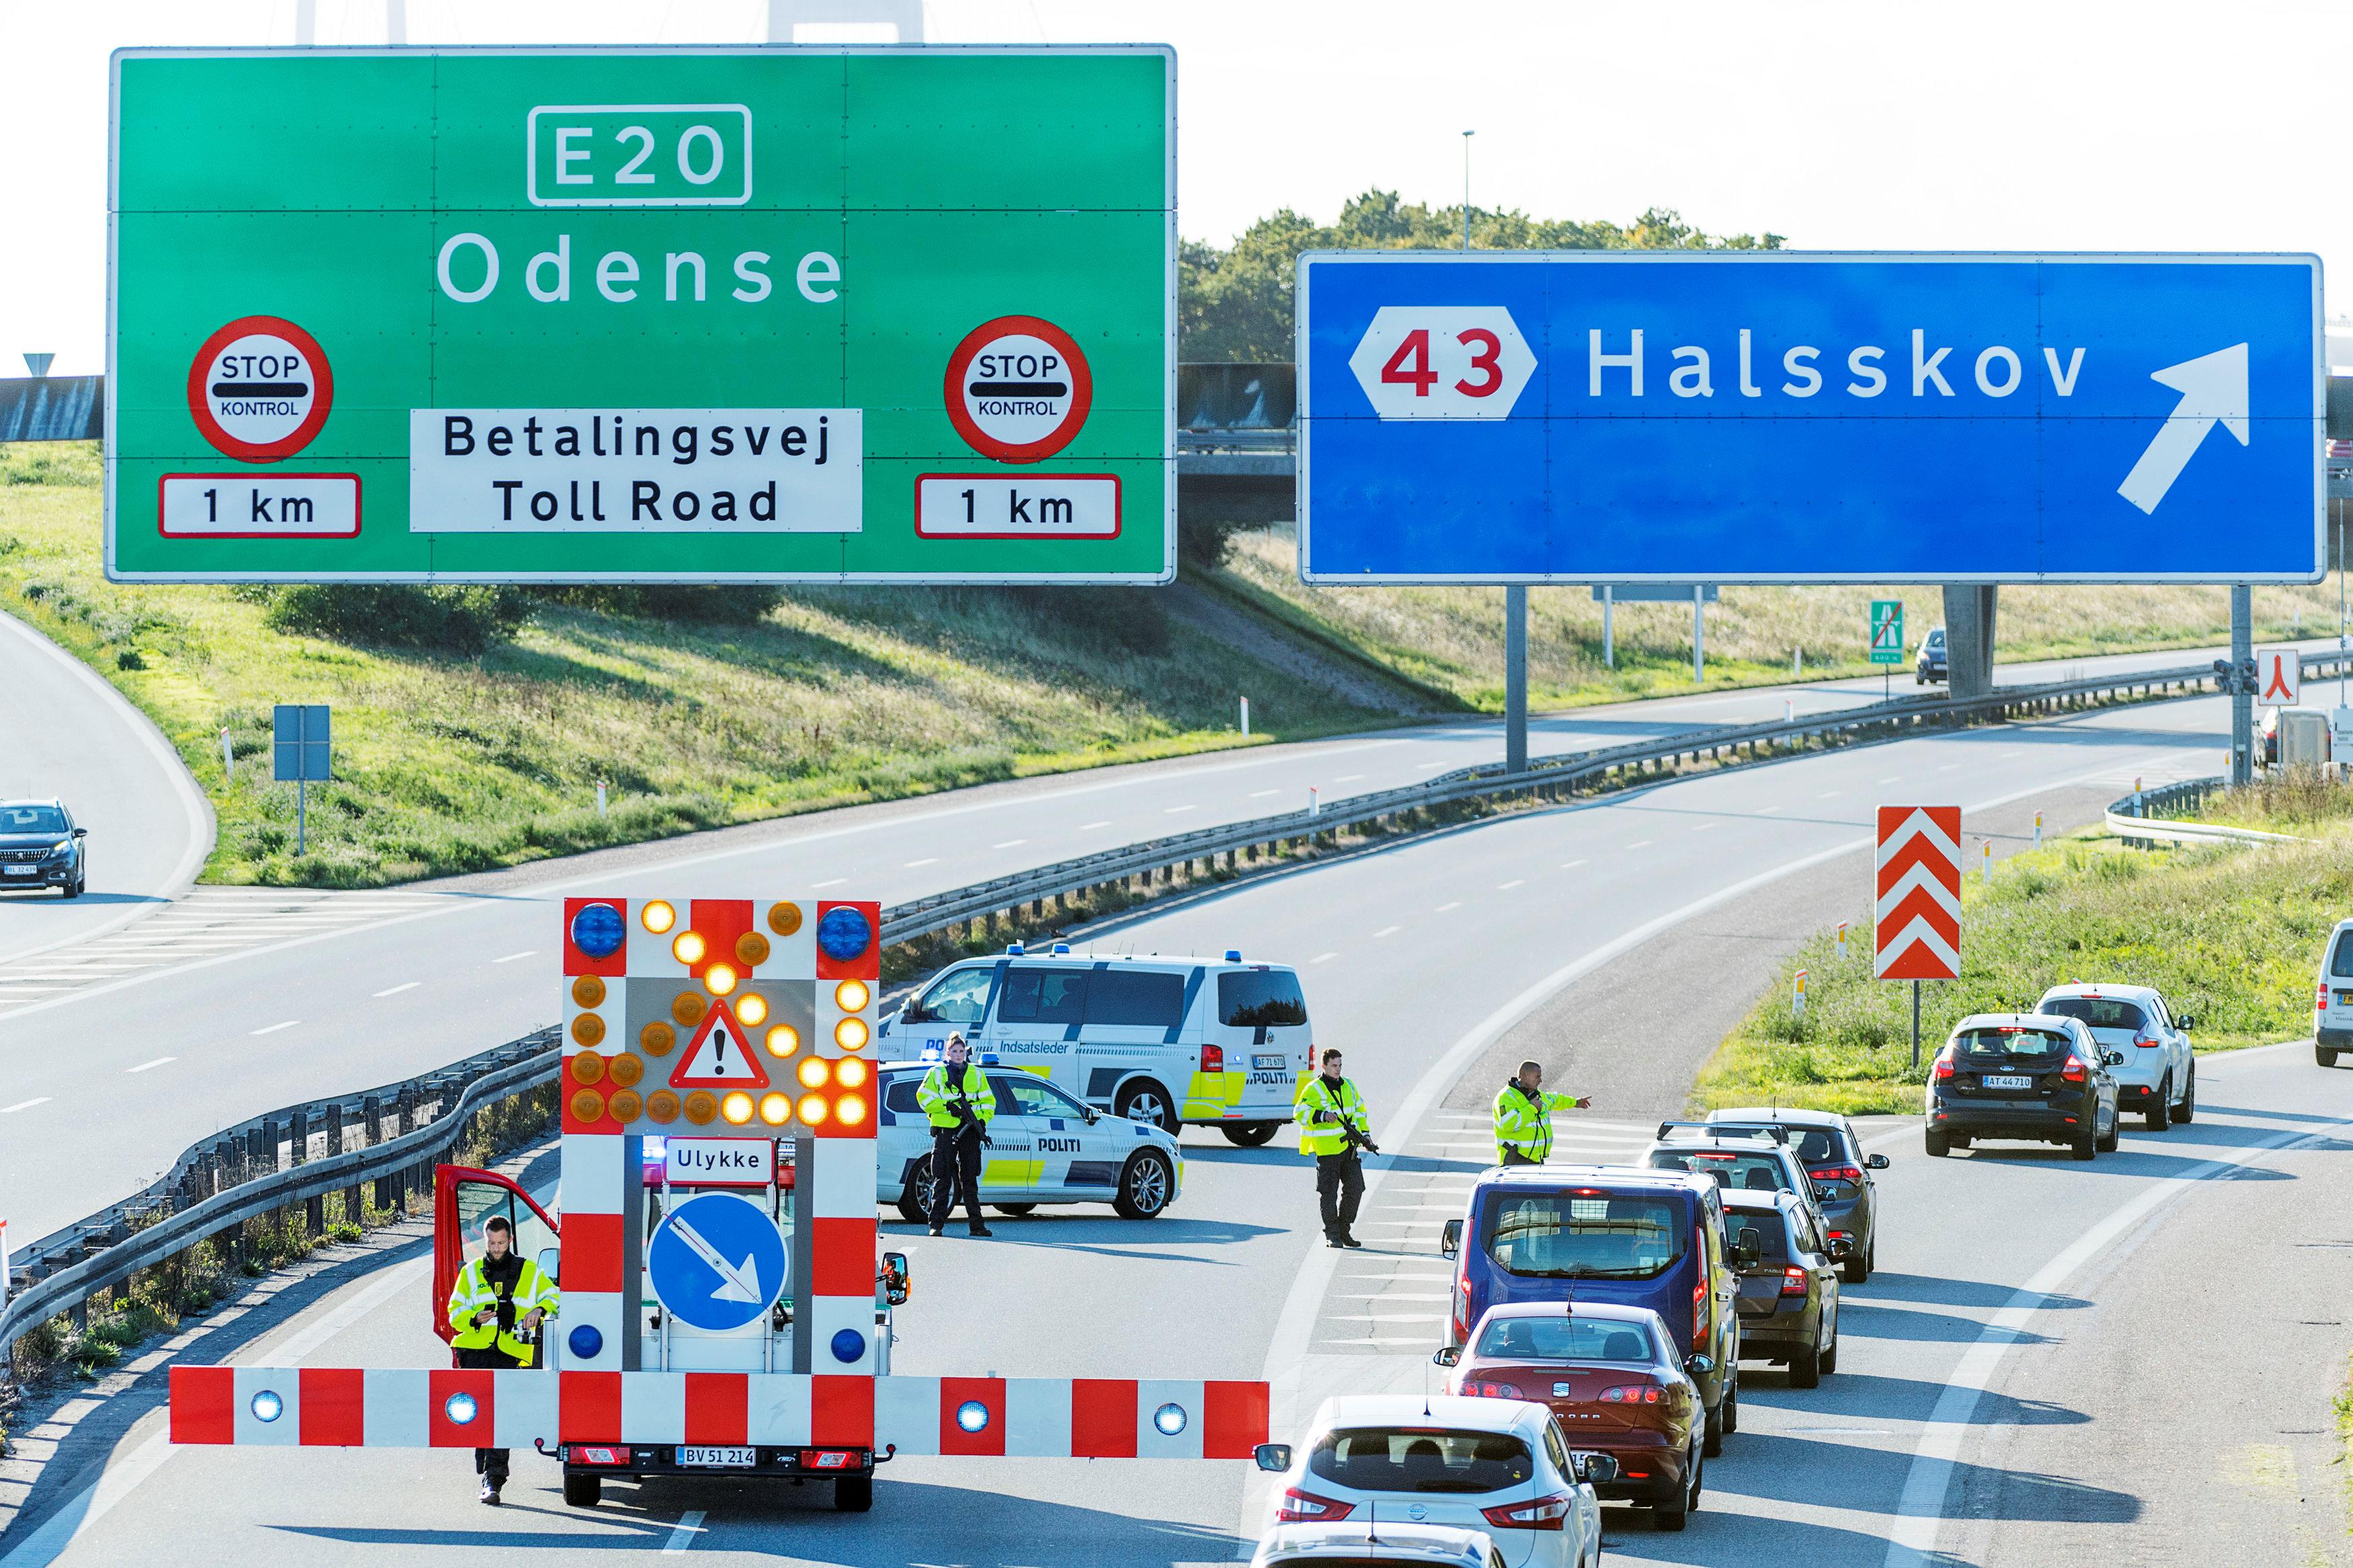 الشرطة الدنماركية تحول تقوم بتحويلة مرورية